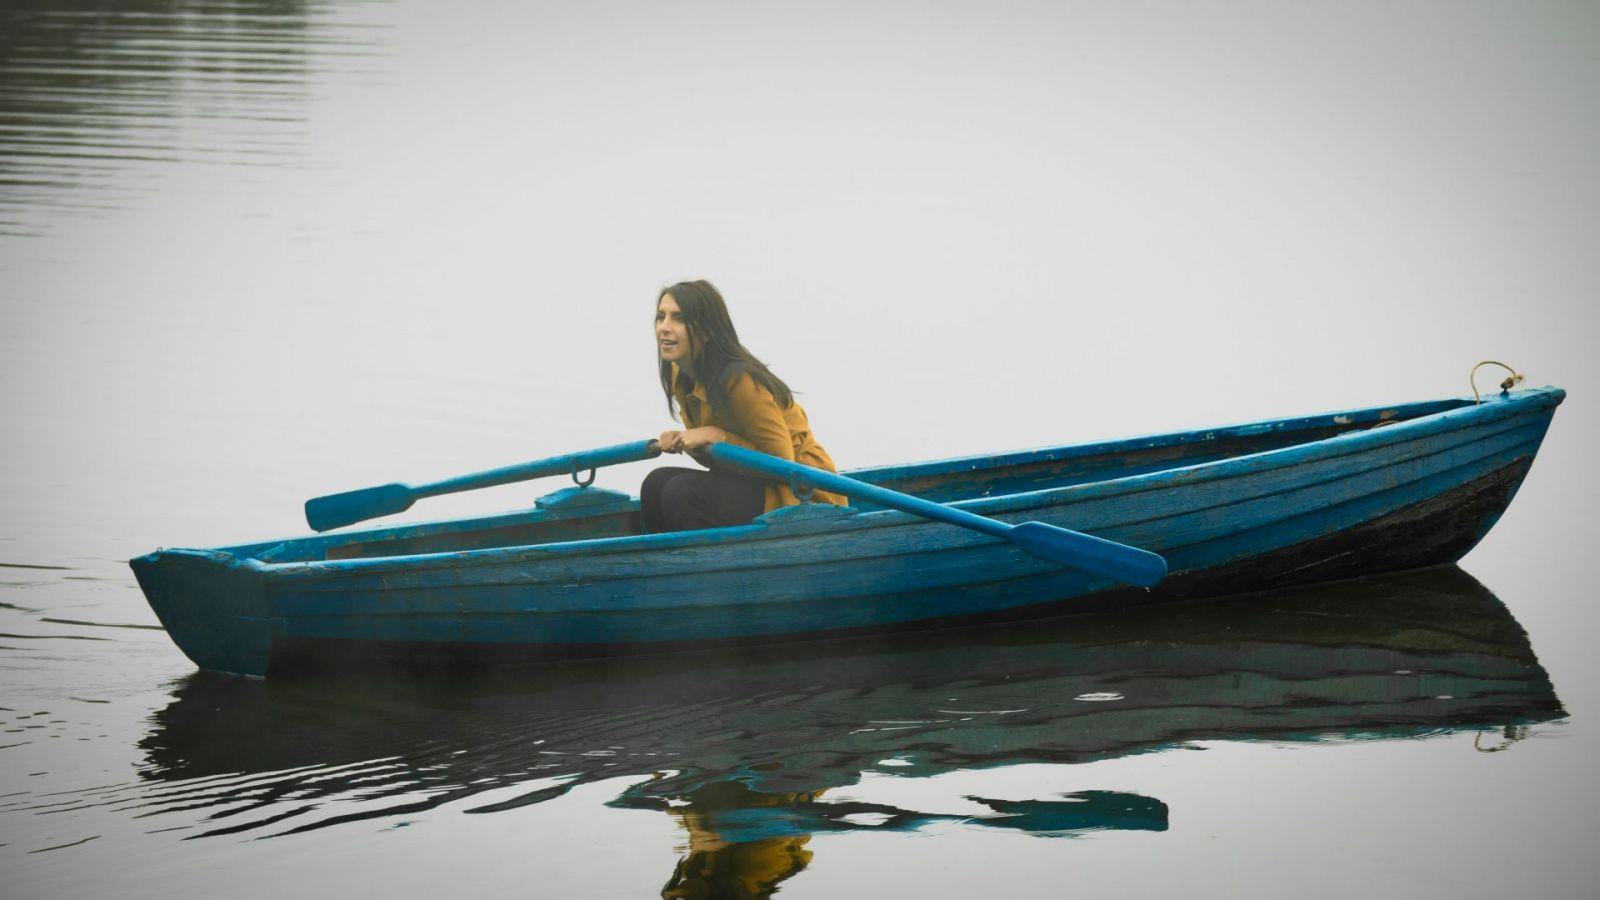 Новый мистический клип Джамалы «Иные»: для съемок видео певица сама переплыла озеро 10 раз - фото №2